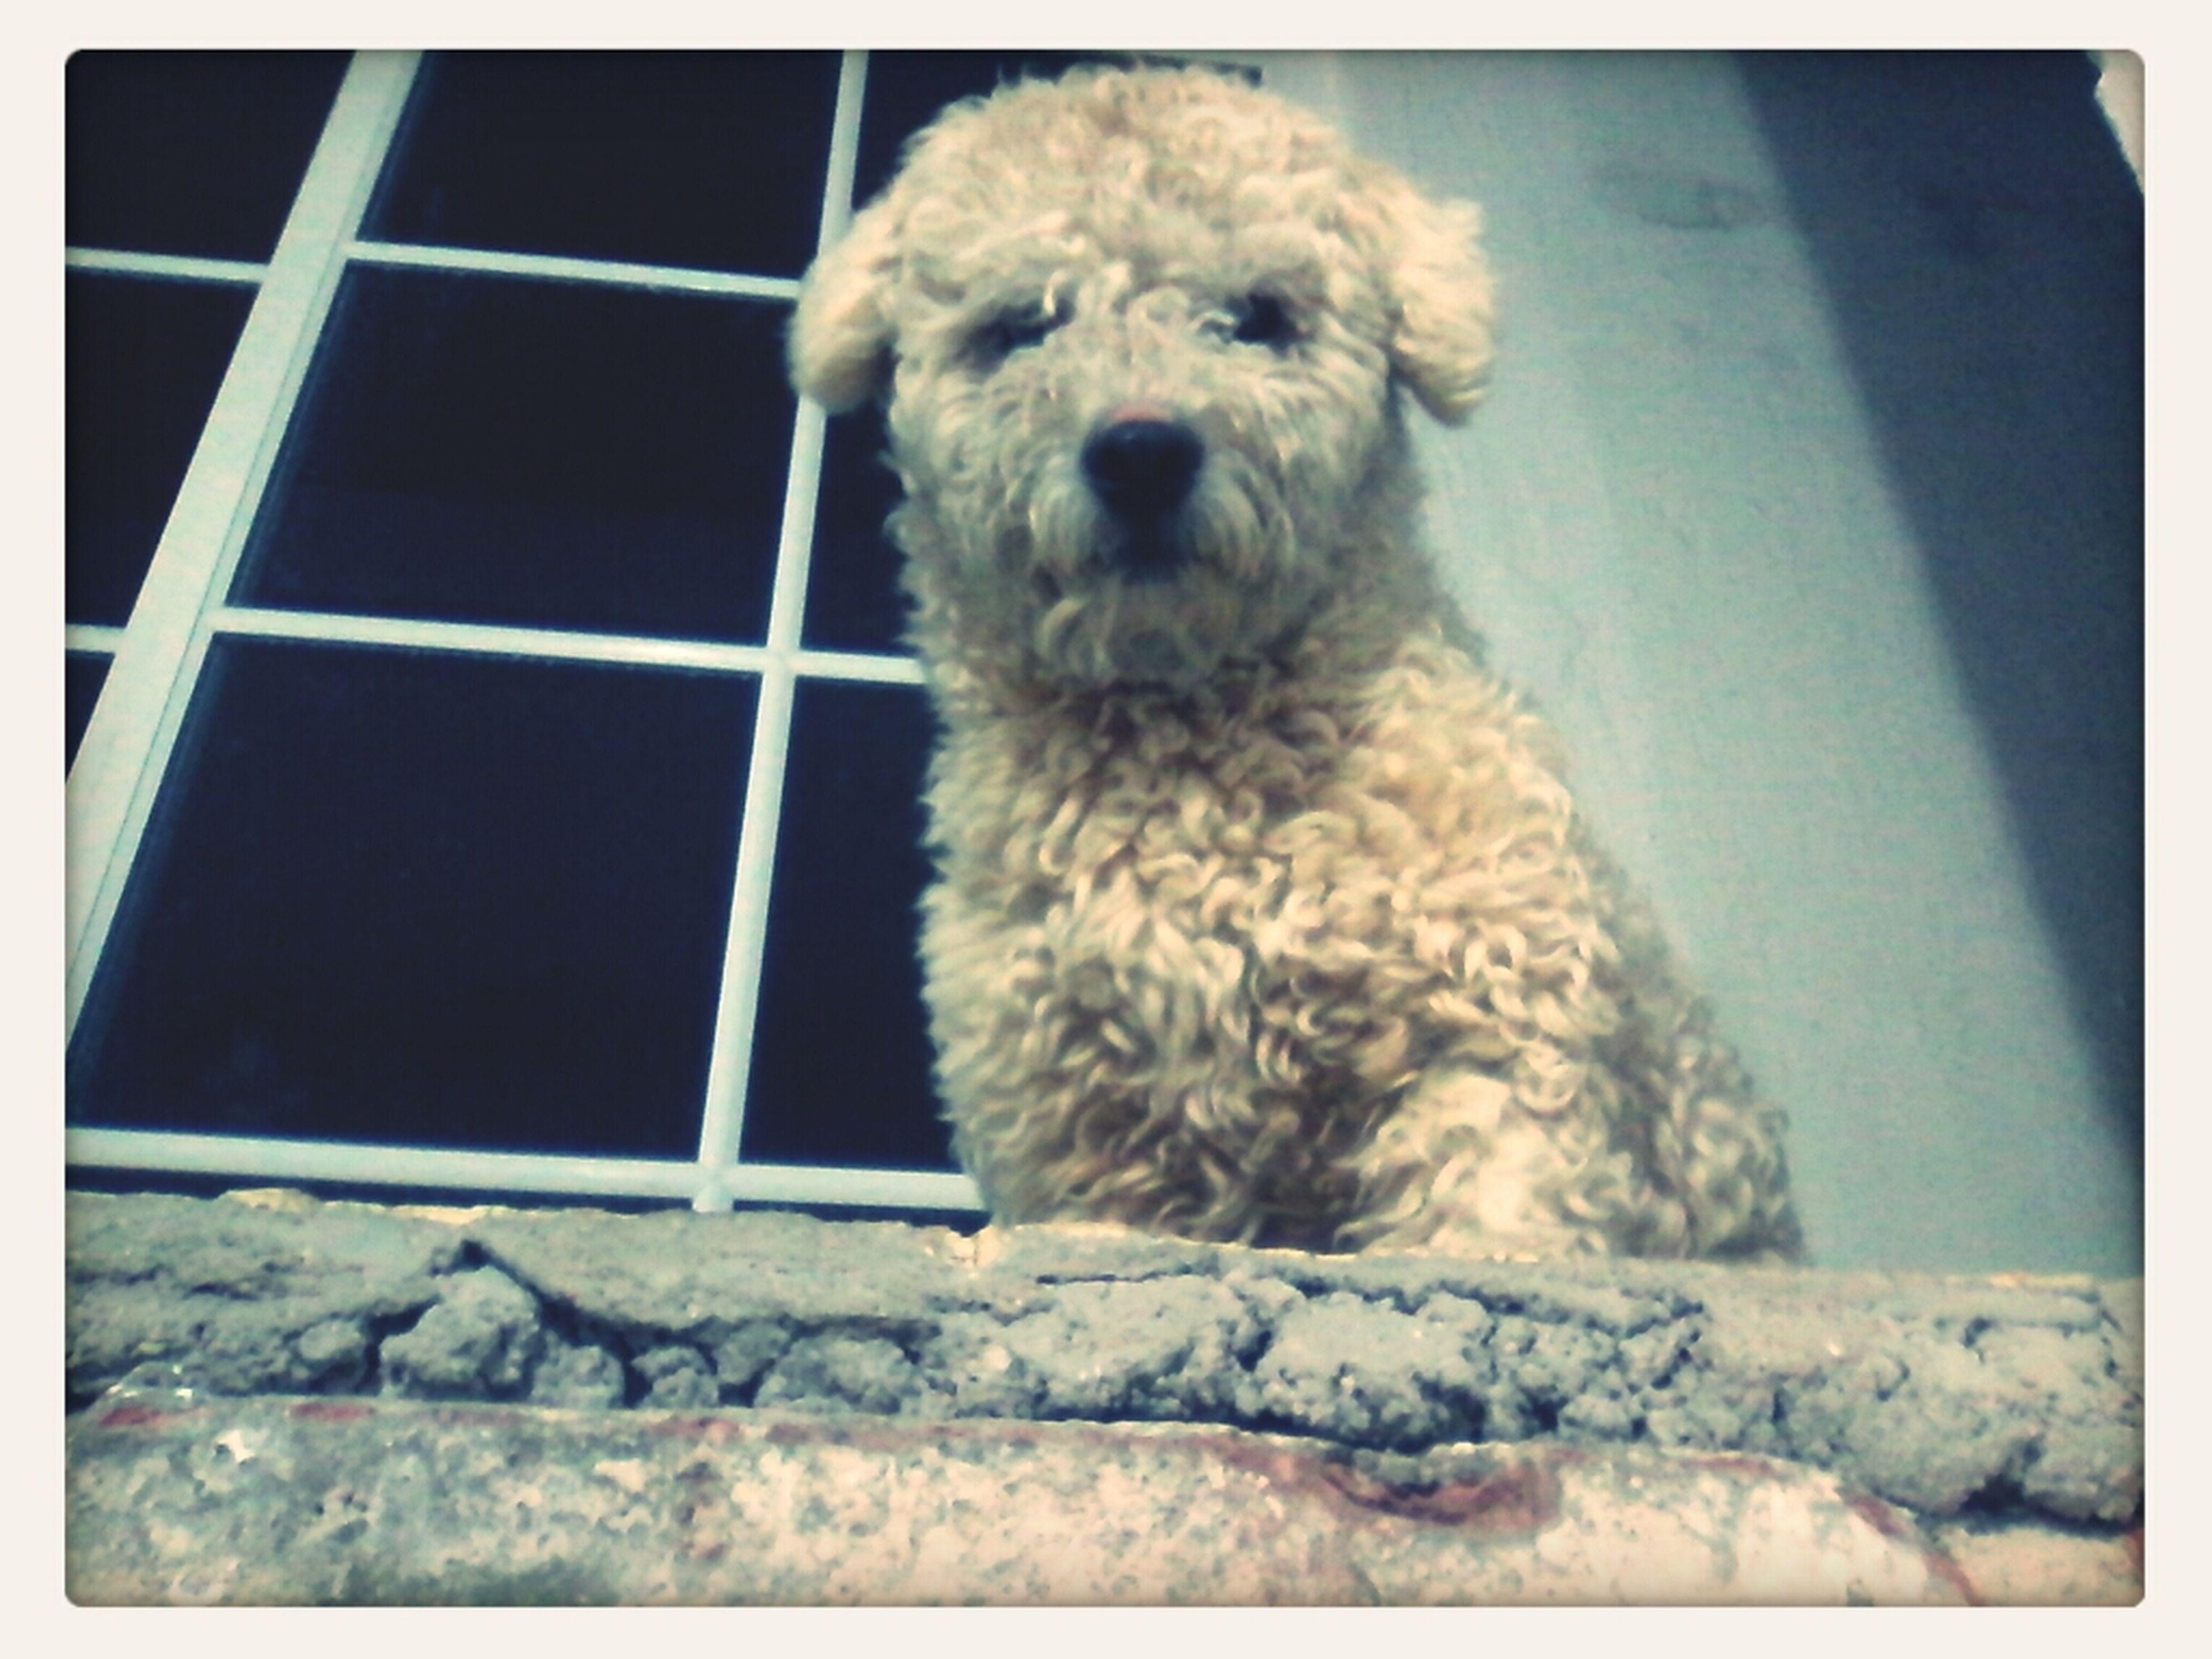 Mi perro Loocky<3